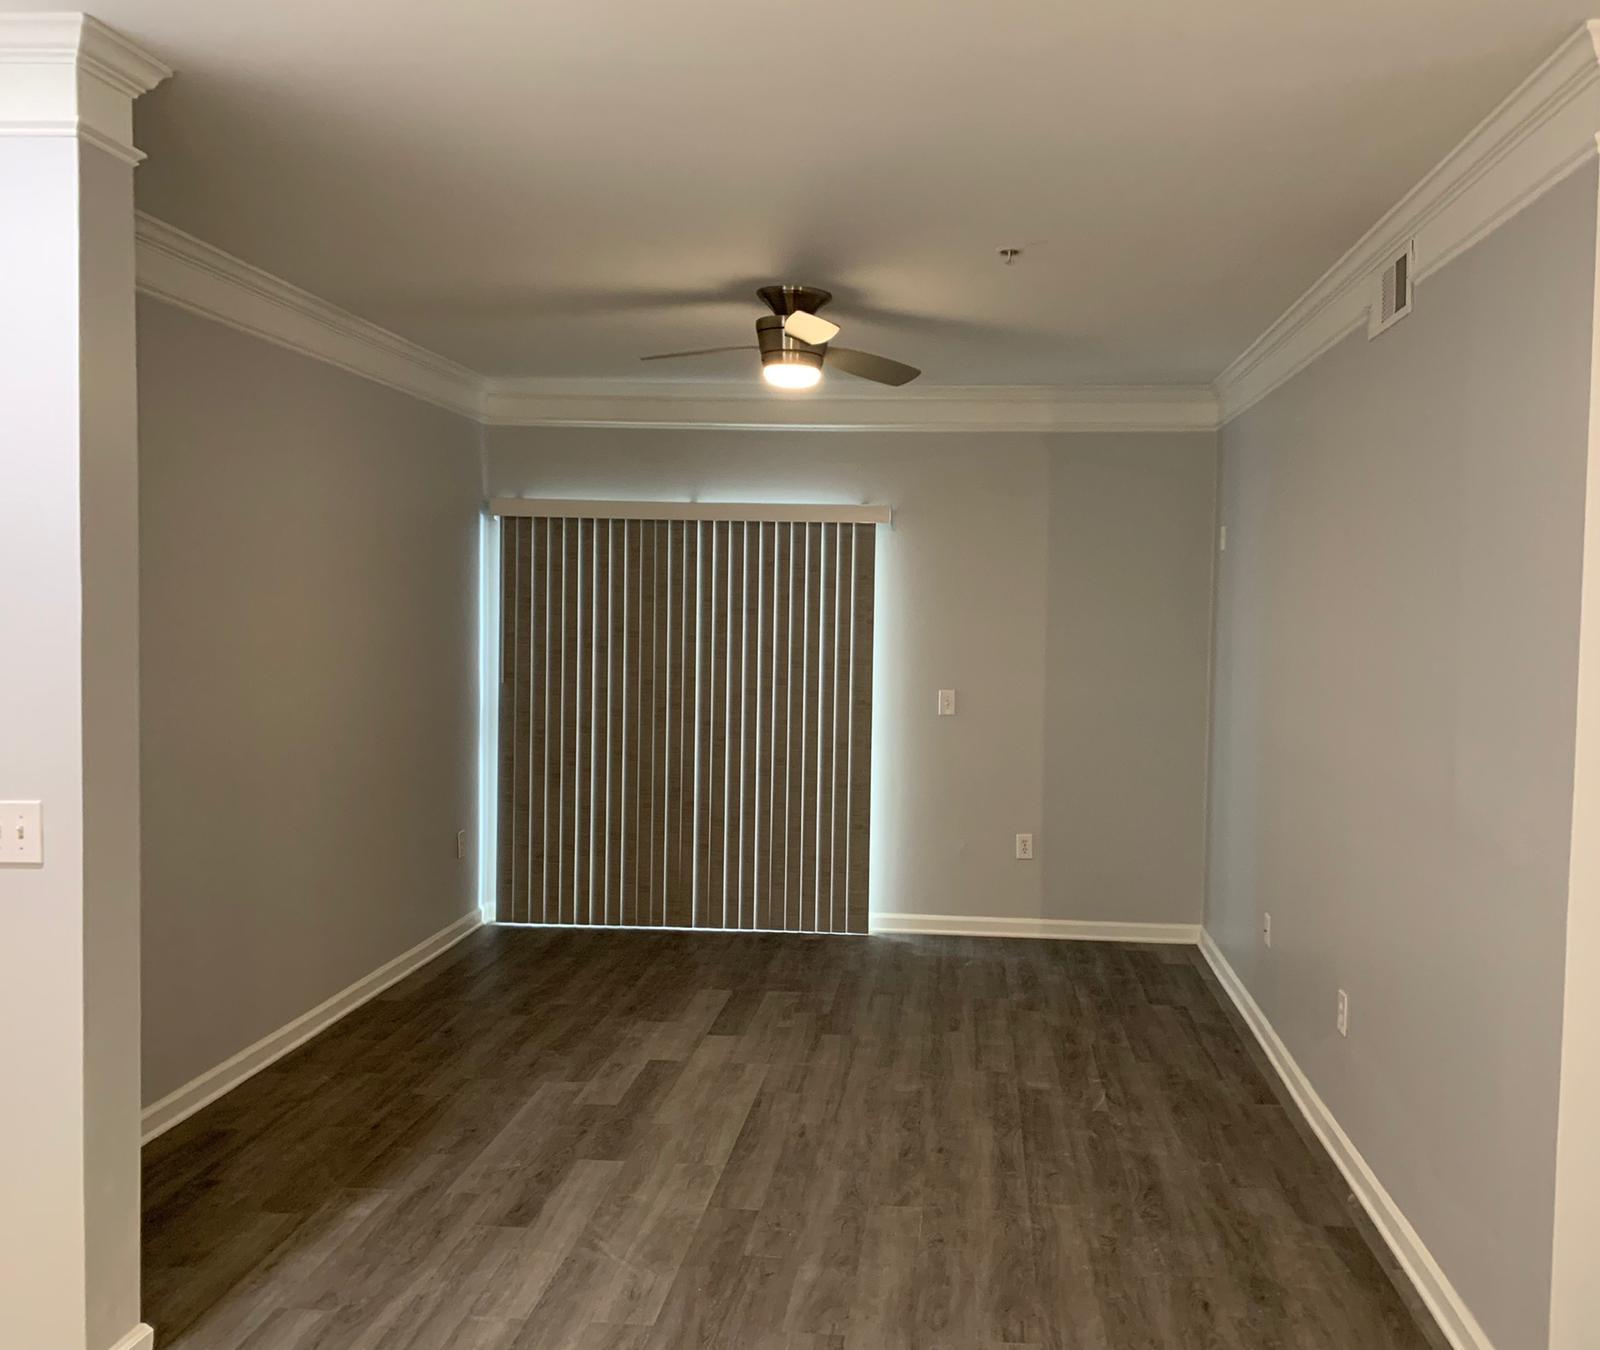 Park West Homes For Sale - 1300 Park West Blvd, Mount Pleasant, SC - 12